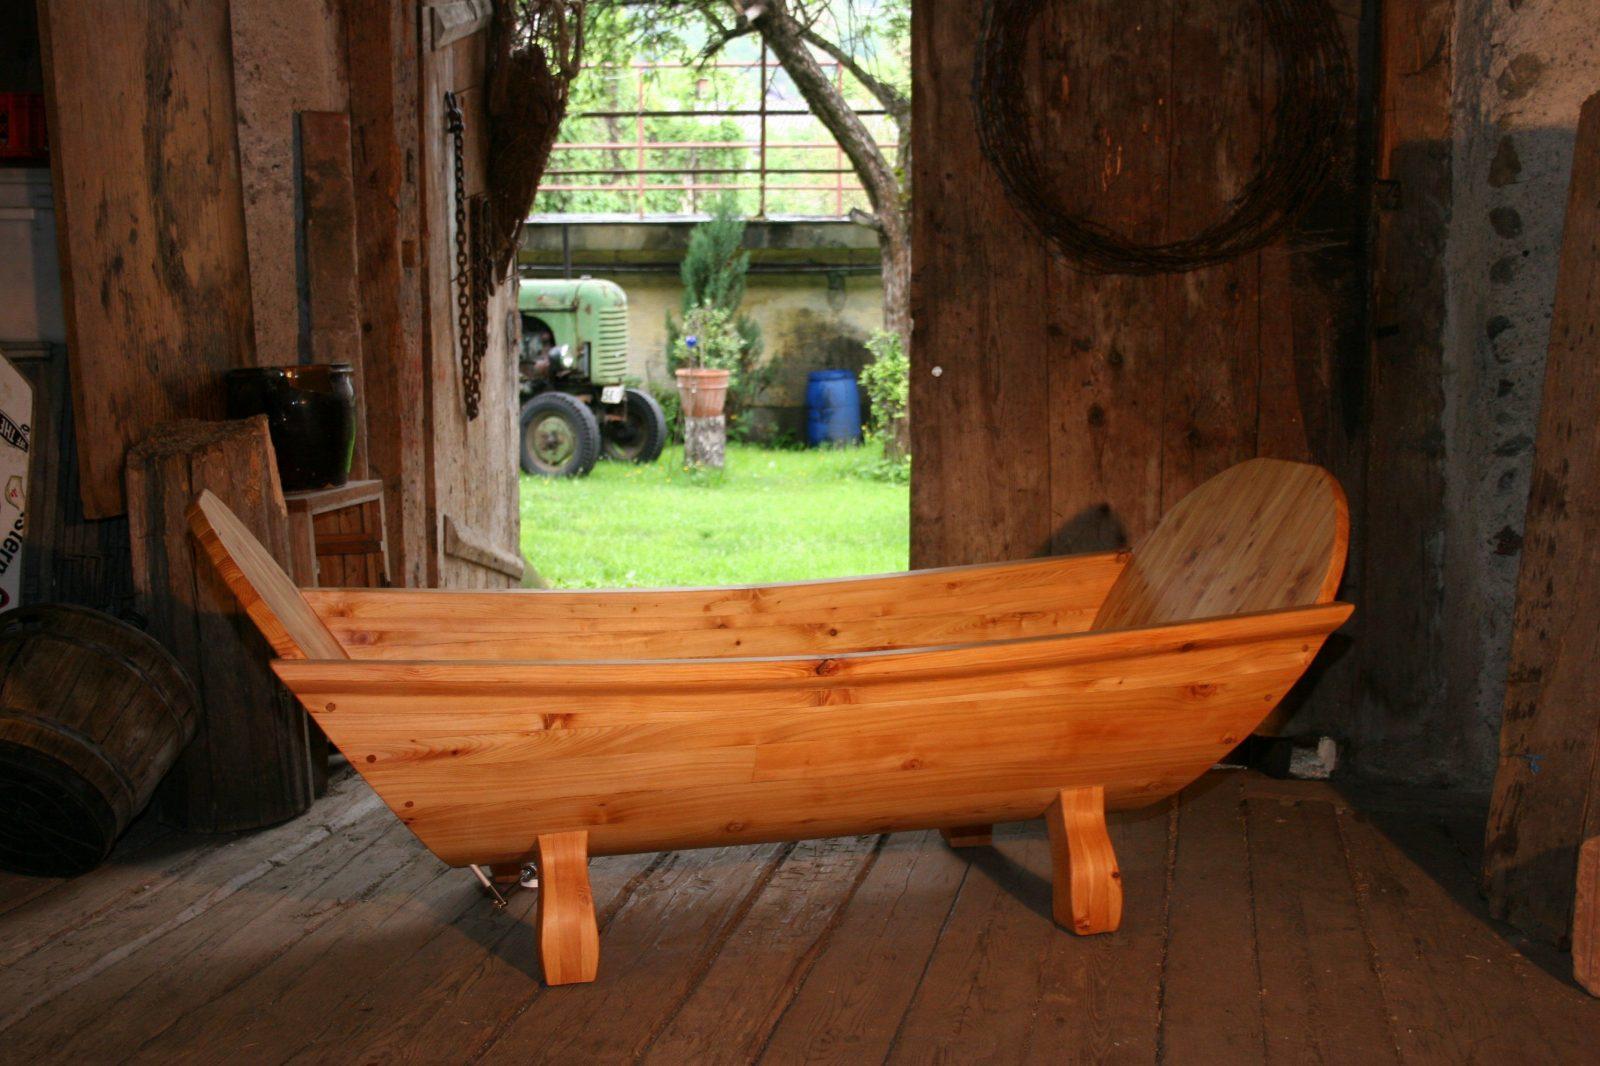 mittelalterliche m bel selber bauen harzite von wikinger m bel selber bauen bild haus design ideen. Black Bedroom Furniture Sets. Home Design Ideas